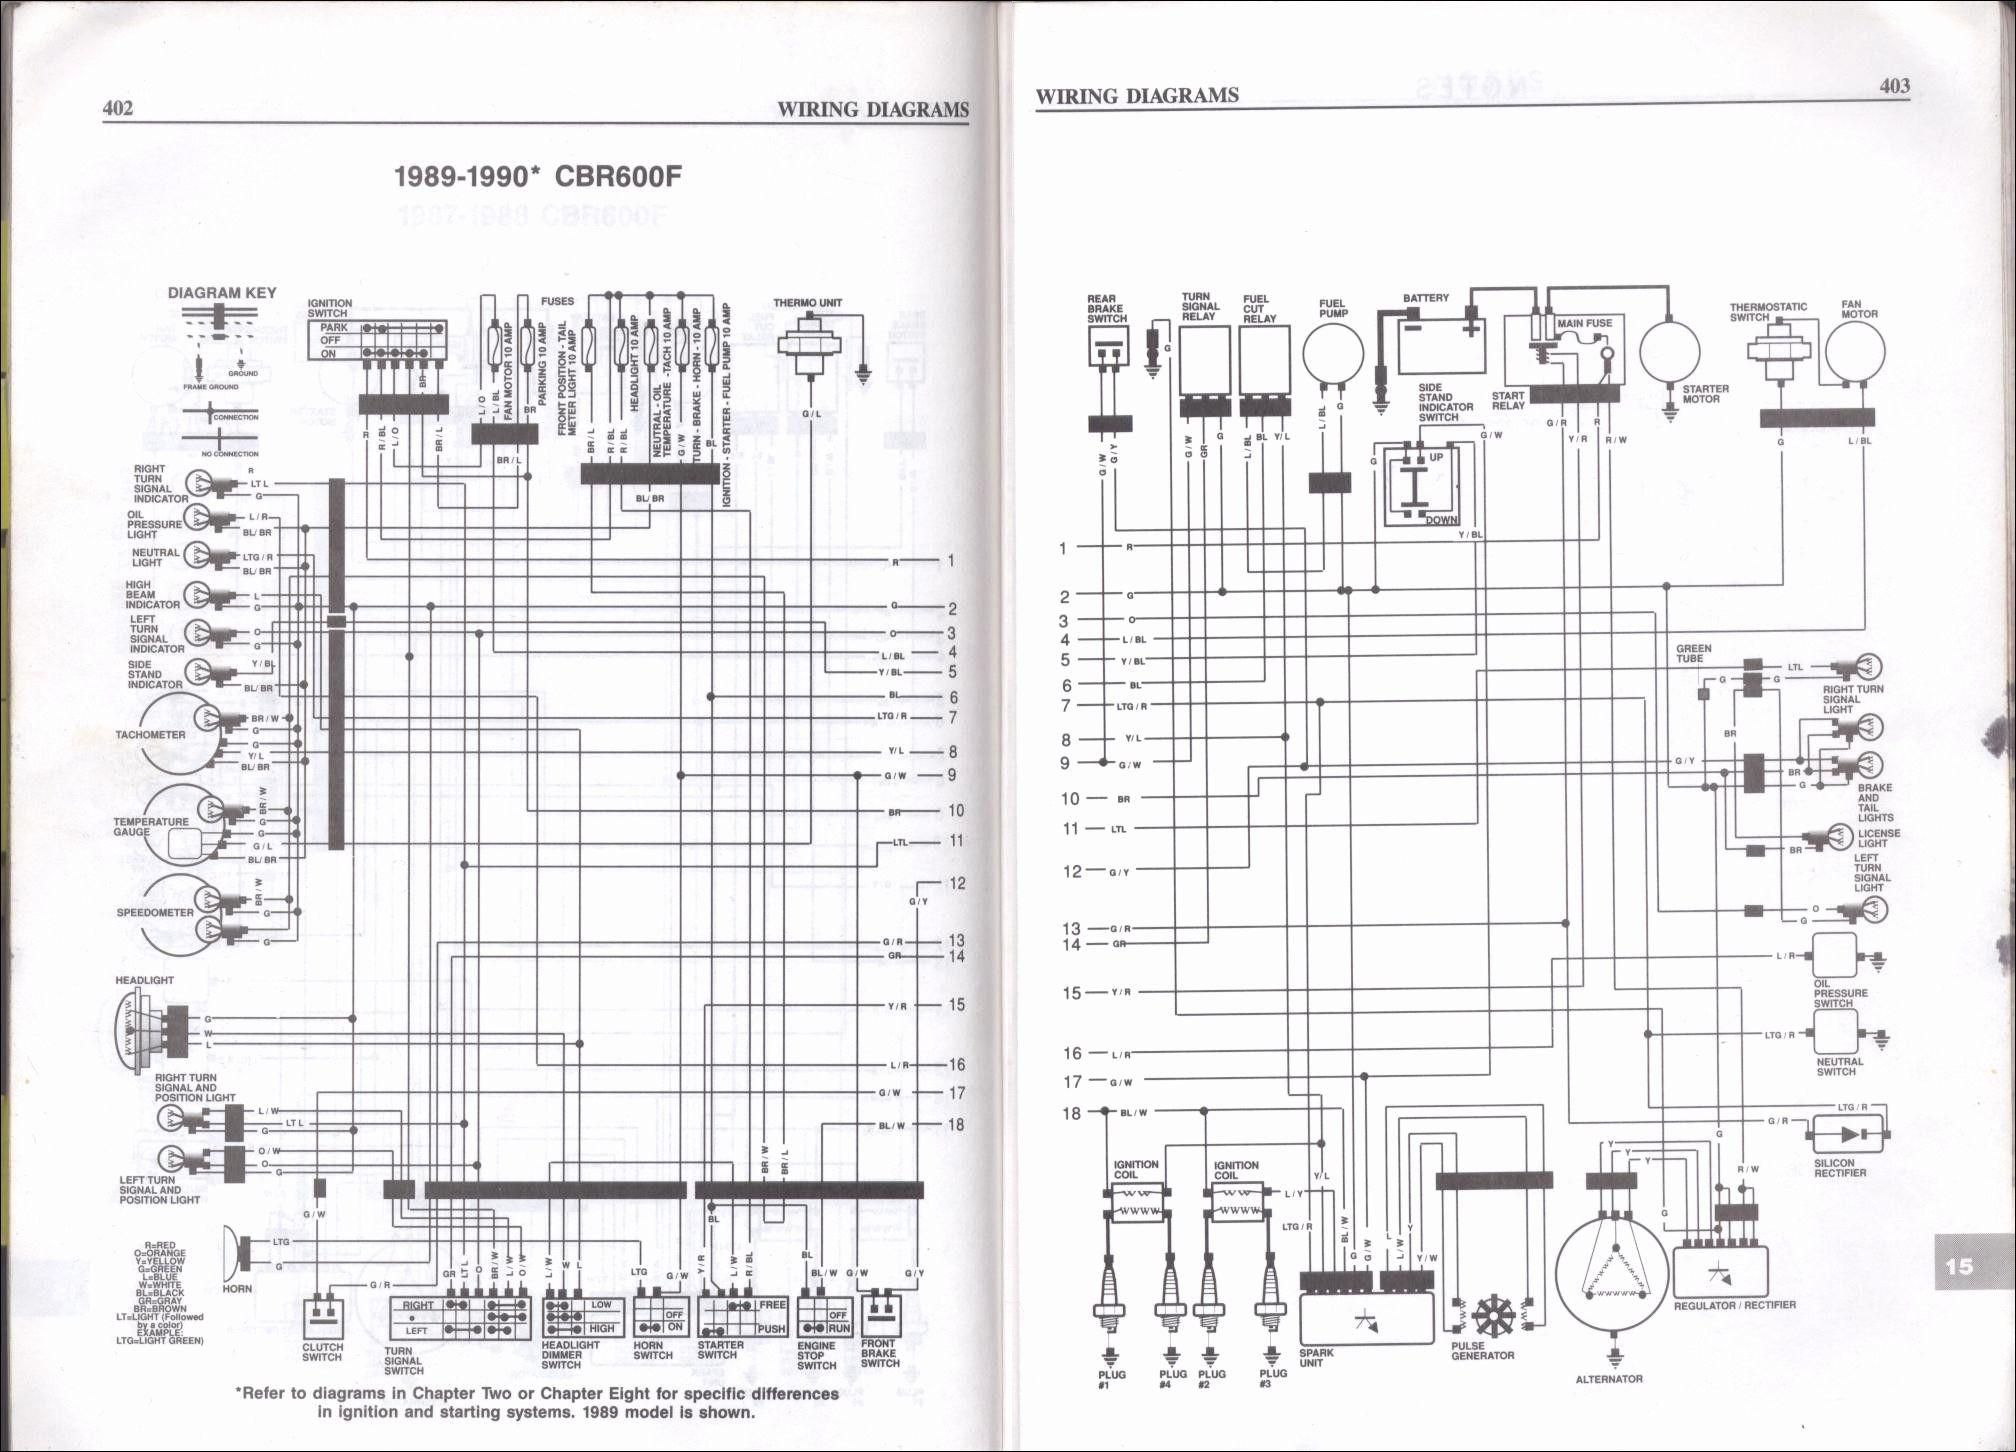 Snorkel Lift Steering Wiring Diagram Honda C70 Wiring Diagram Auto Electrical Wiring Diagram Of Snorkel Lift Steering Wiring Diagram